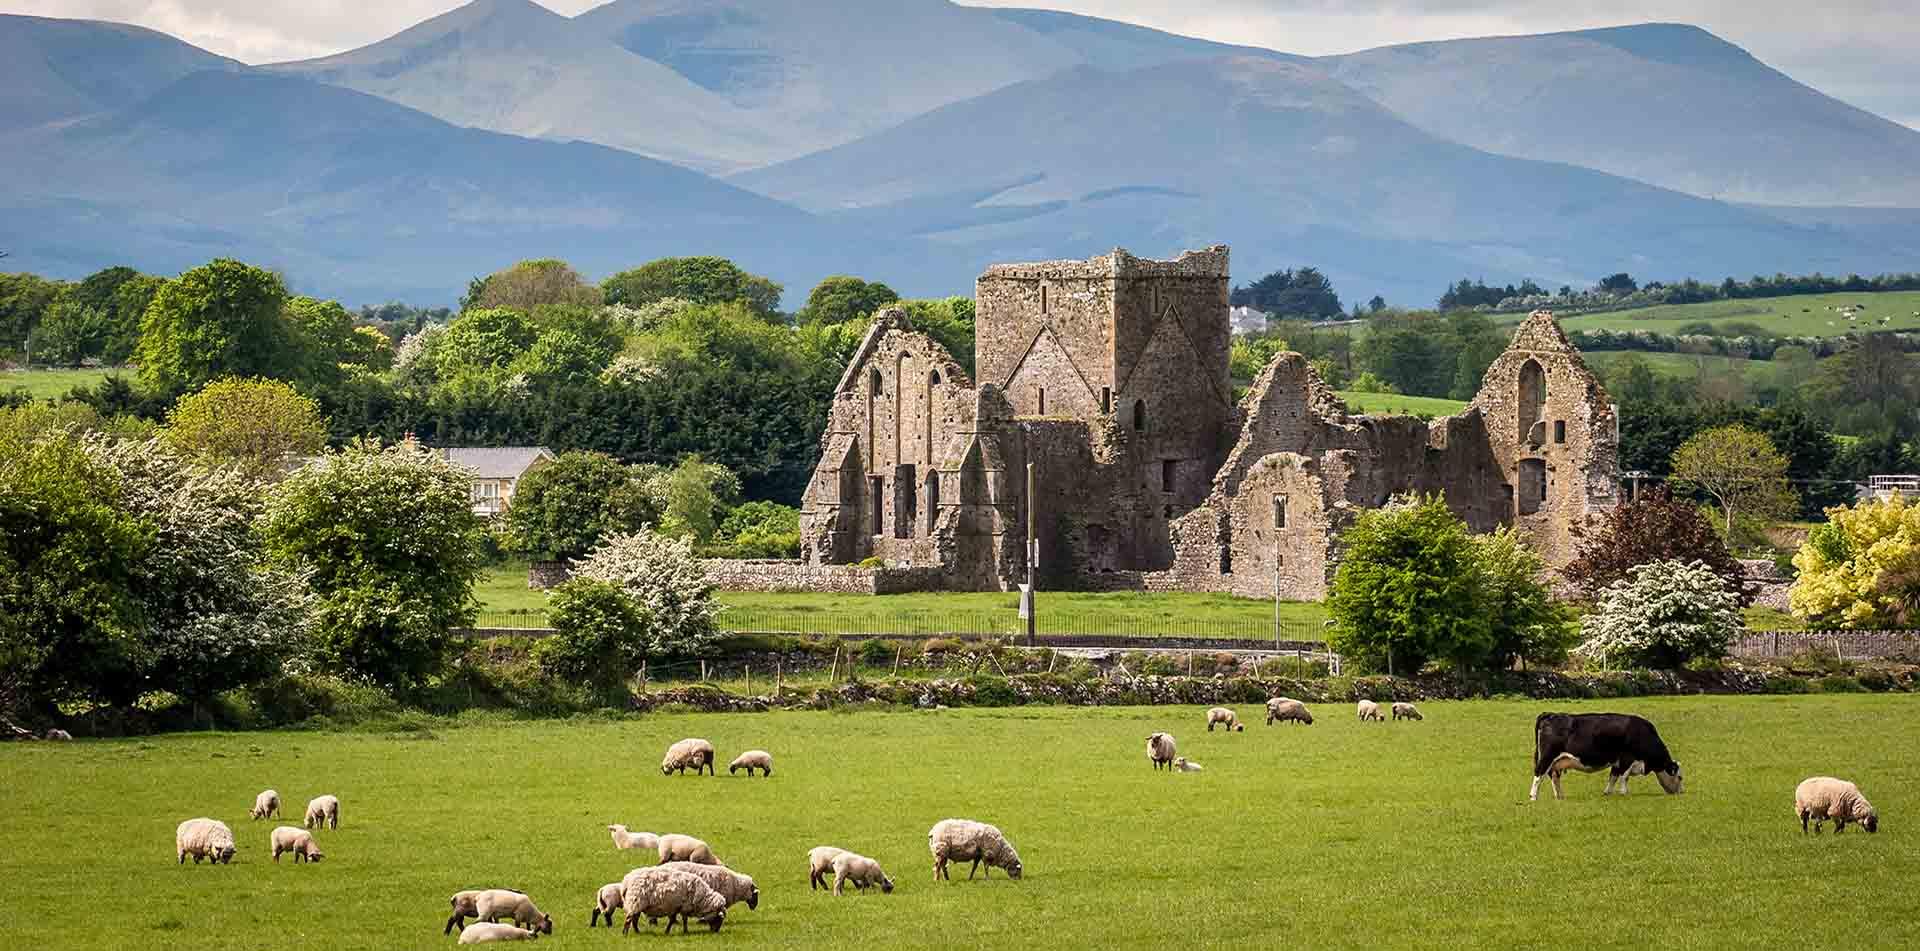 Sheep Grazing Near Castle in Ireland